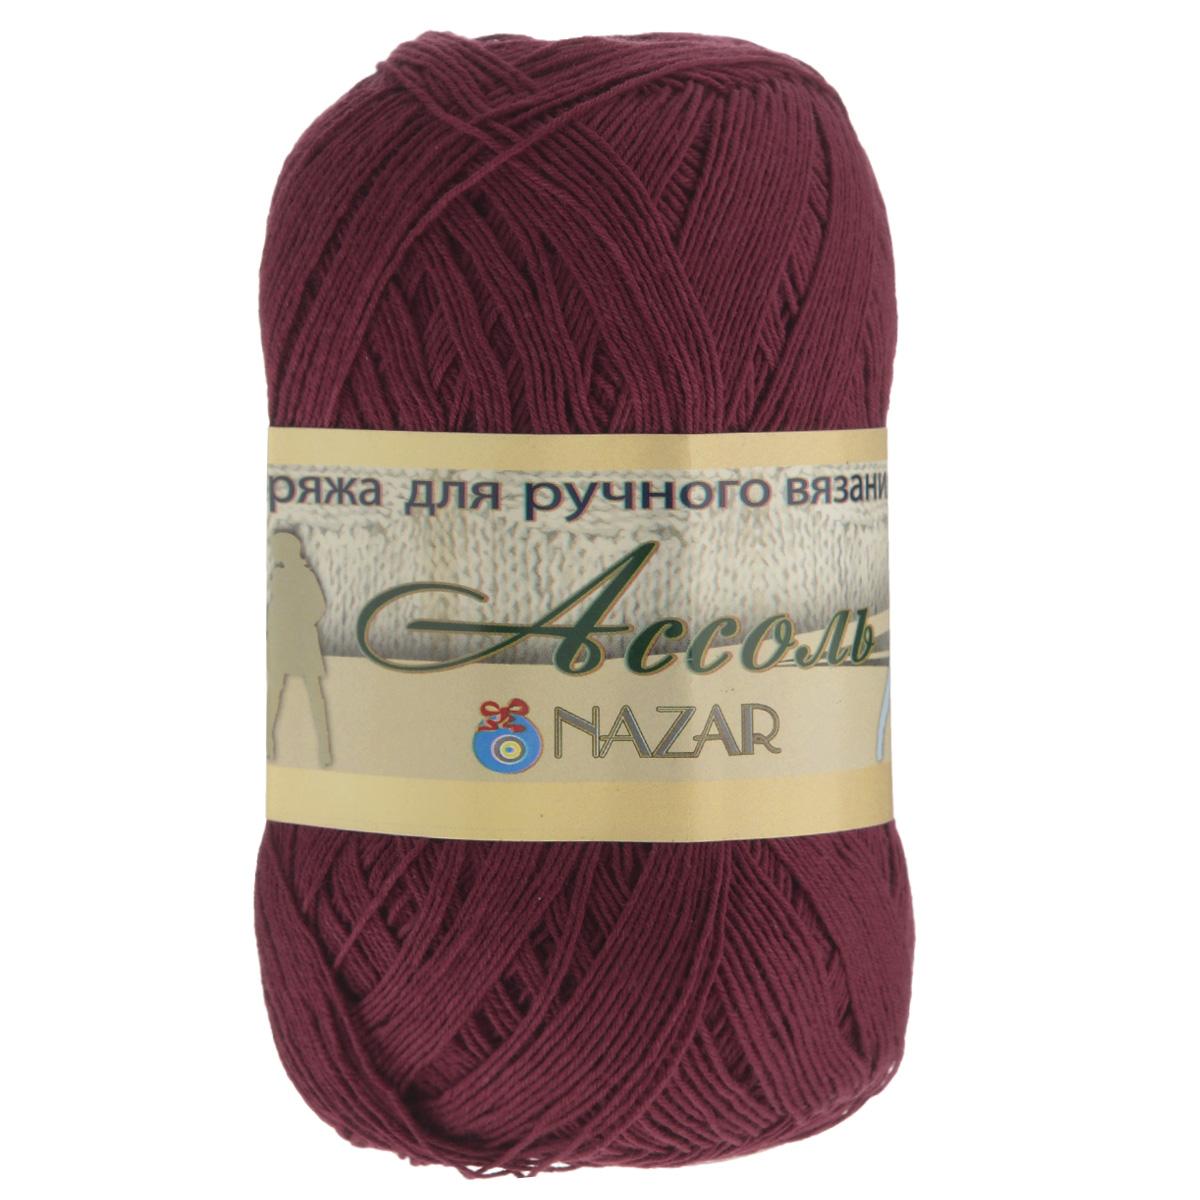 Пряжа для вязания Nazar Ассоль, цвет: бордовый (1976), 500 м, 50 г, 10 шт349025_1976Nazar Ассоль - это превосходная пряжа, изготовленная из 100% хлопка. Пряжа не имеет эффекта ваты и позволяет вязать ажурные летние изделия спицами или крючком в 2 сложения или теплые вещи в 4-5 сложений. Из такой пряжи хорошо смотрятся рельефные узоры. Рекомендуемые спицы 2 мм, крючок 2 мм. Количество мотков: 10 шт. Состав: 100% хлопок.